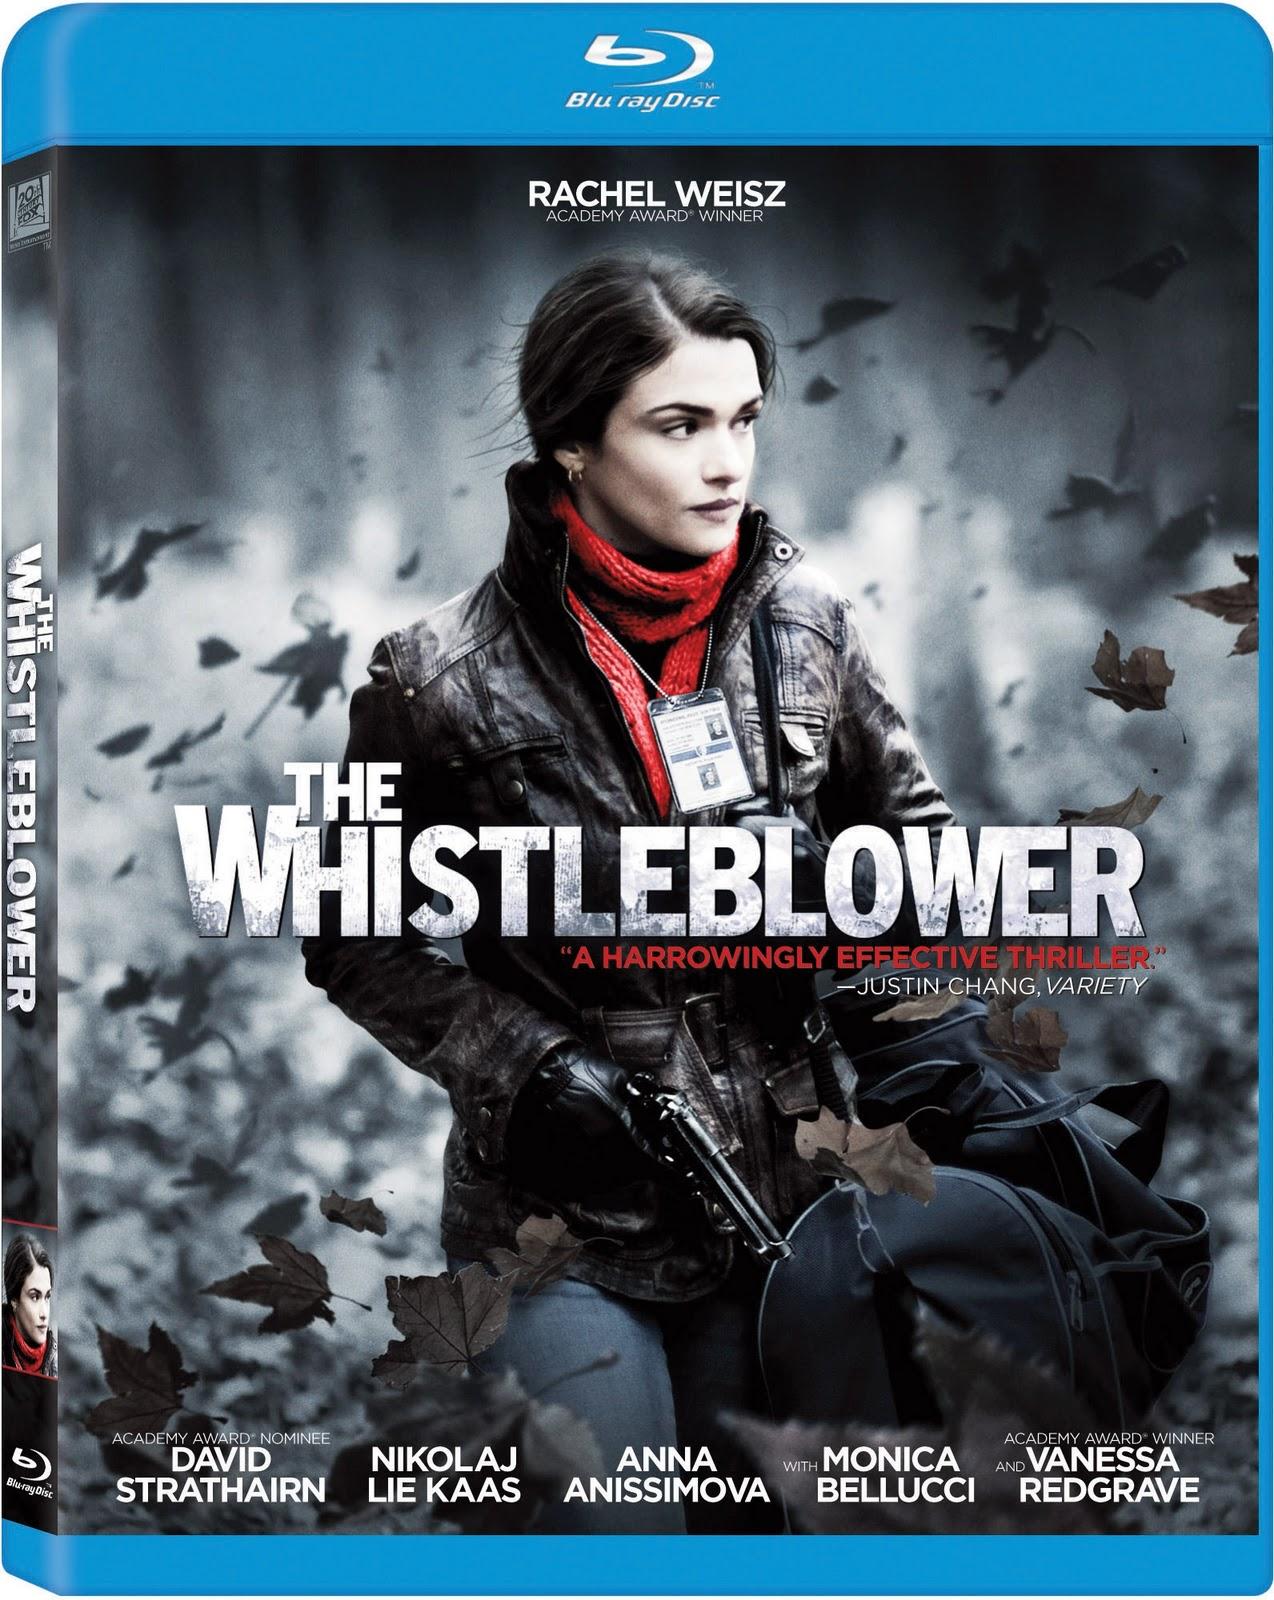 http://1.bp.blogspot.com/-wMobcKPzcEc/Tx5ltGkUCFI/AAAAAAAAClE/7ktWOT1t87U/s1600/the-whistleblower-rachel-weisz-blu-ray-cover.JPG